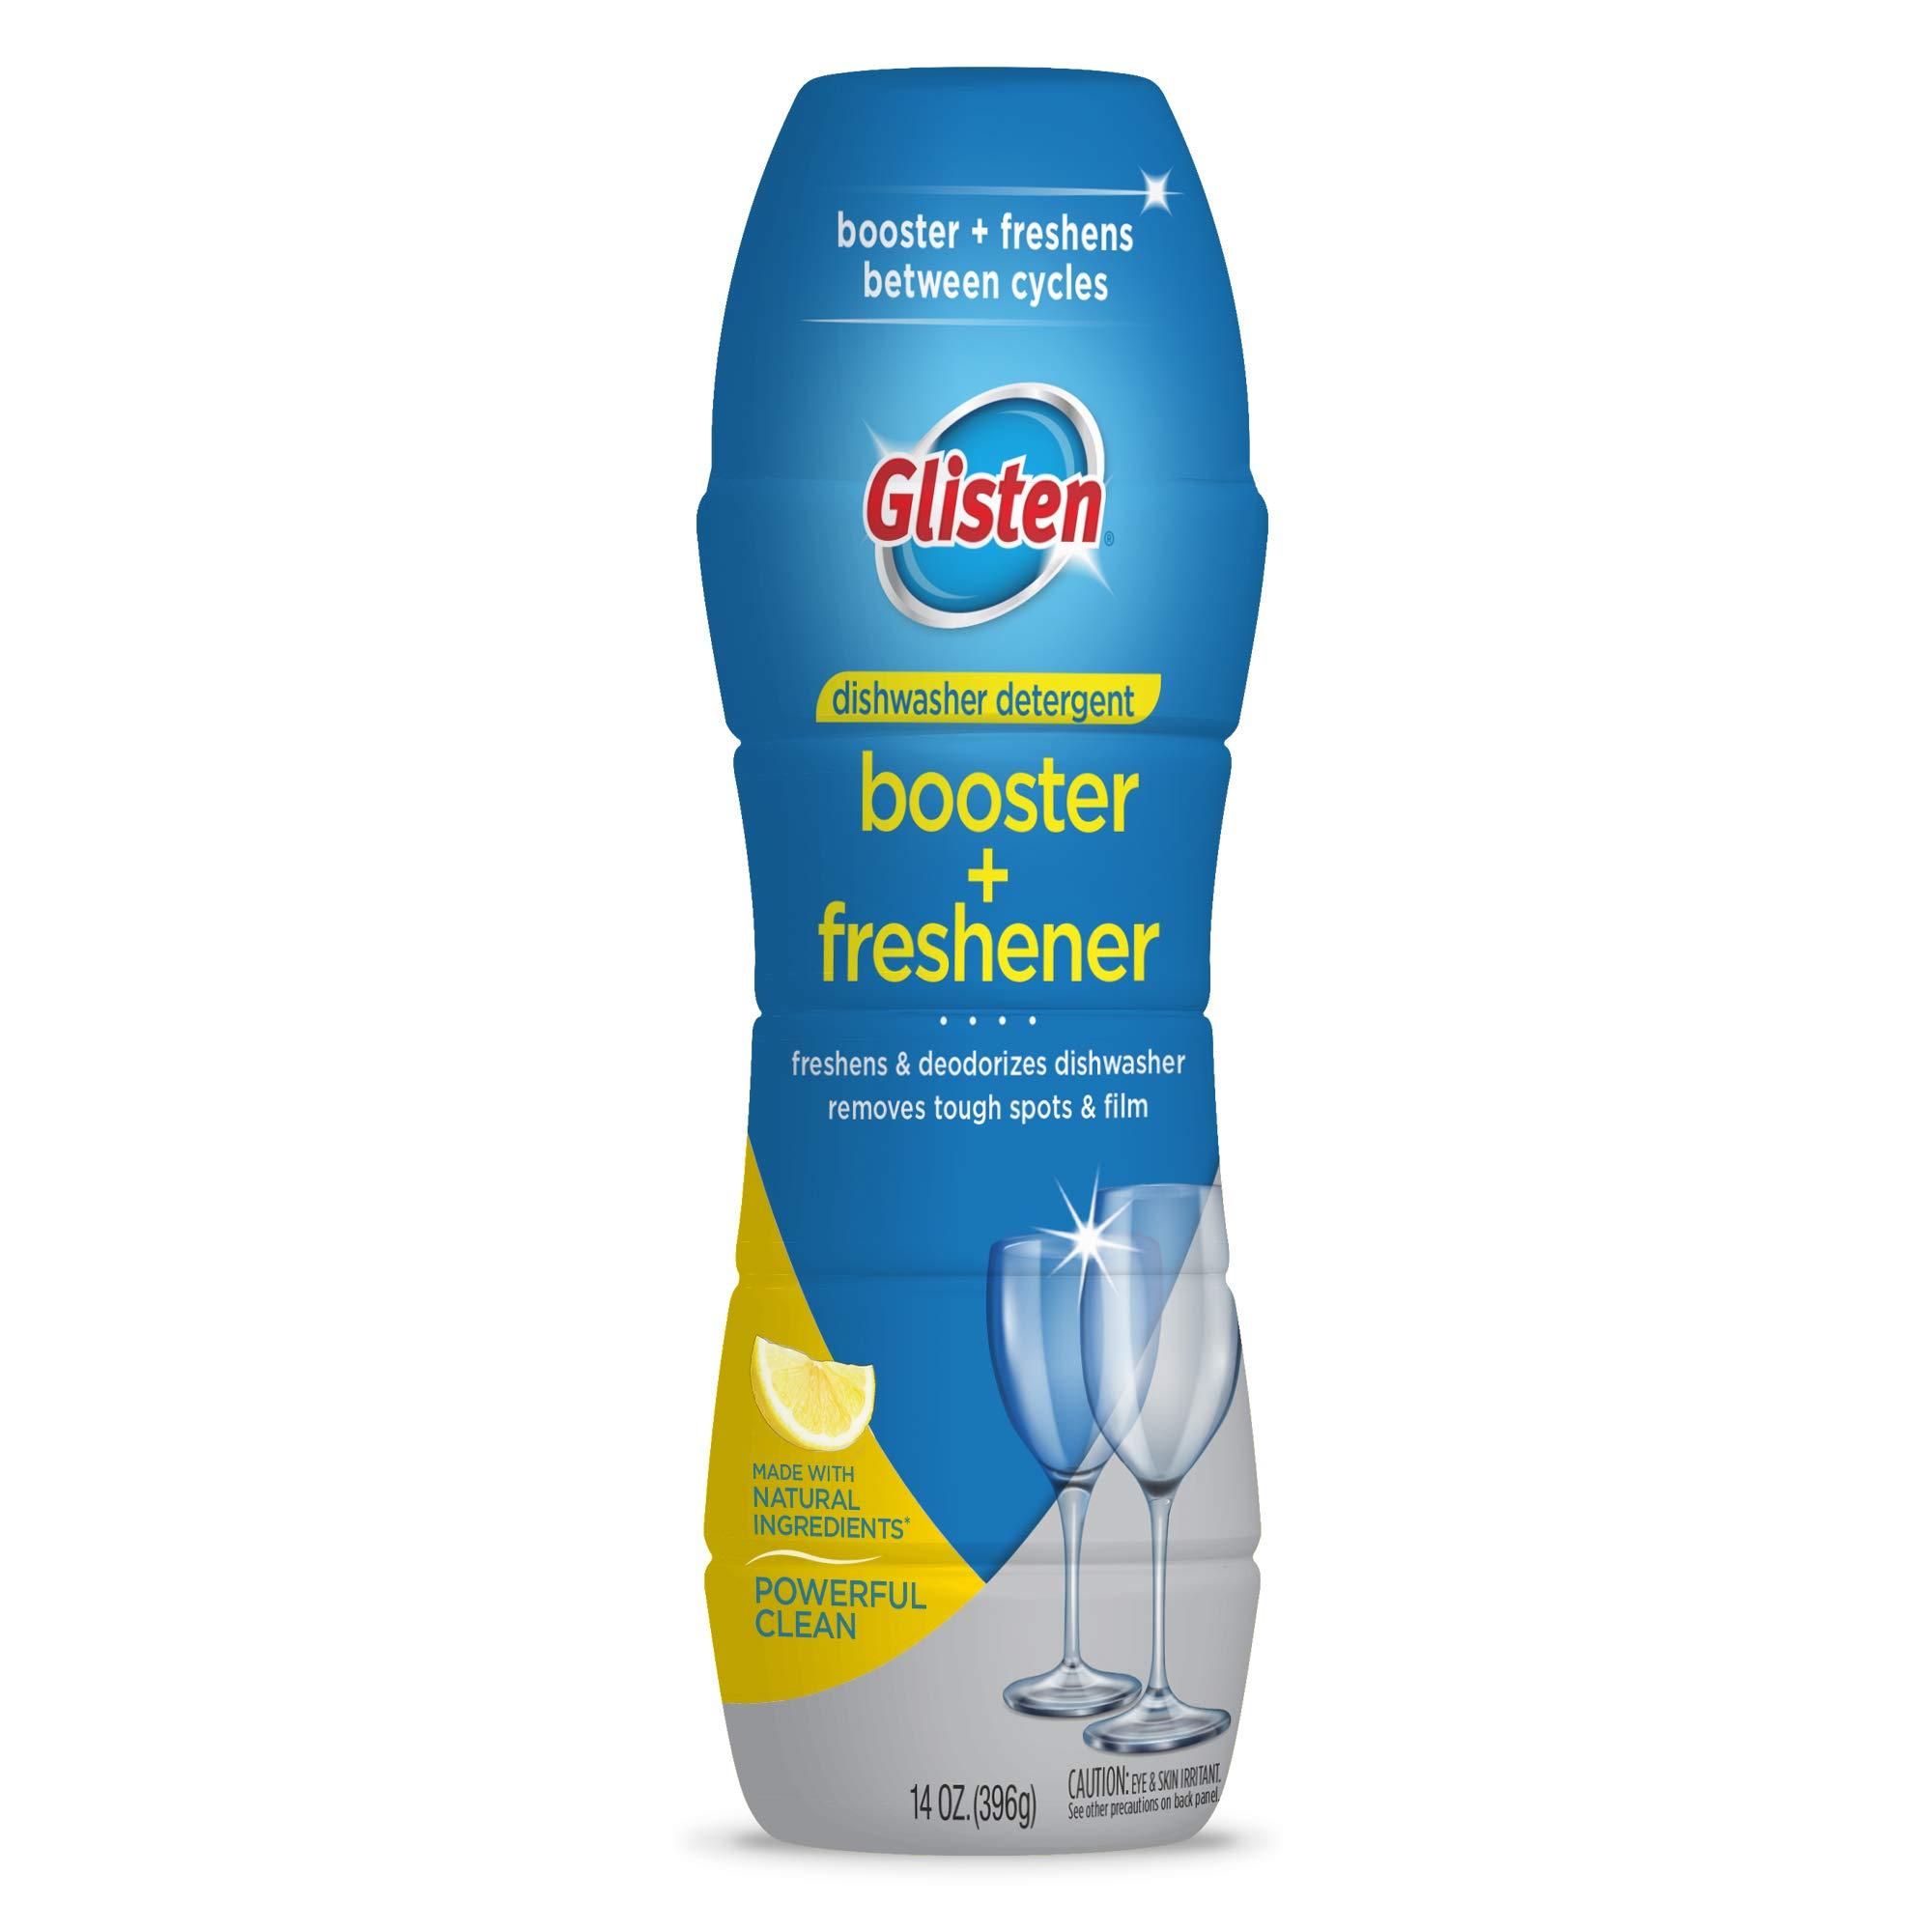 Glisten Detergent Booster + Freshener, 14 Oz., 6 Pack